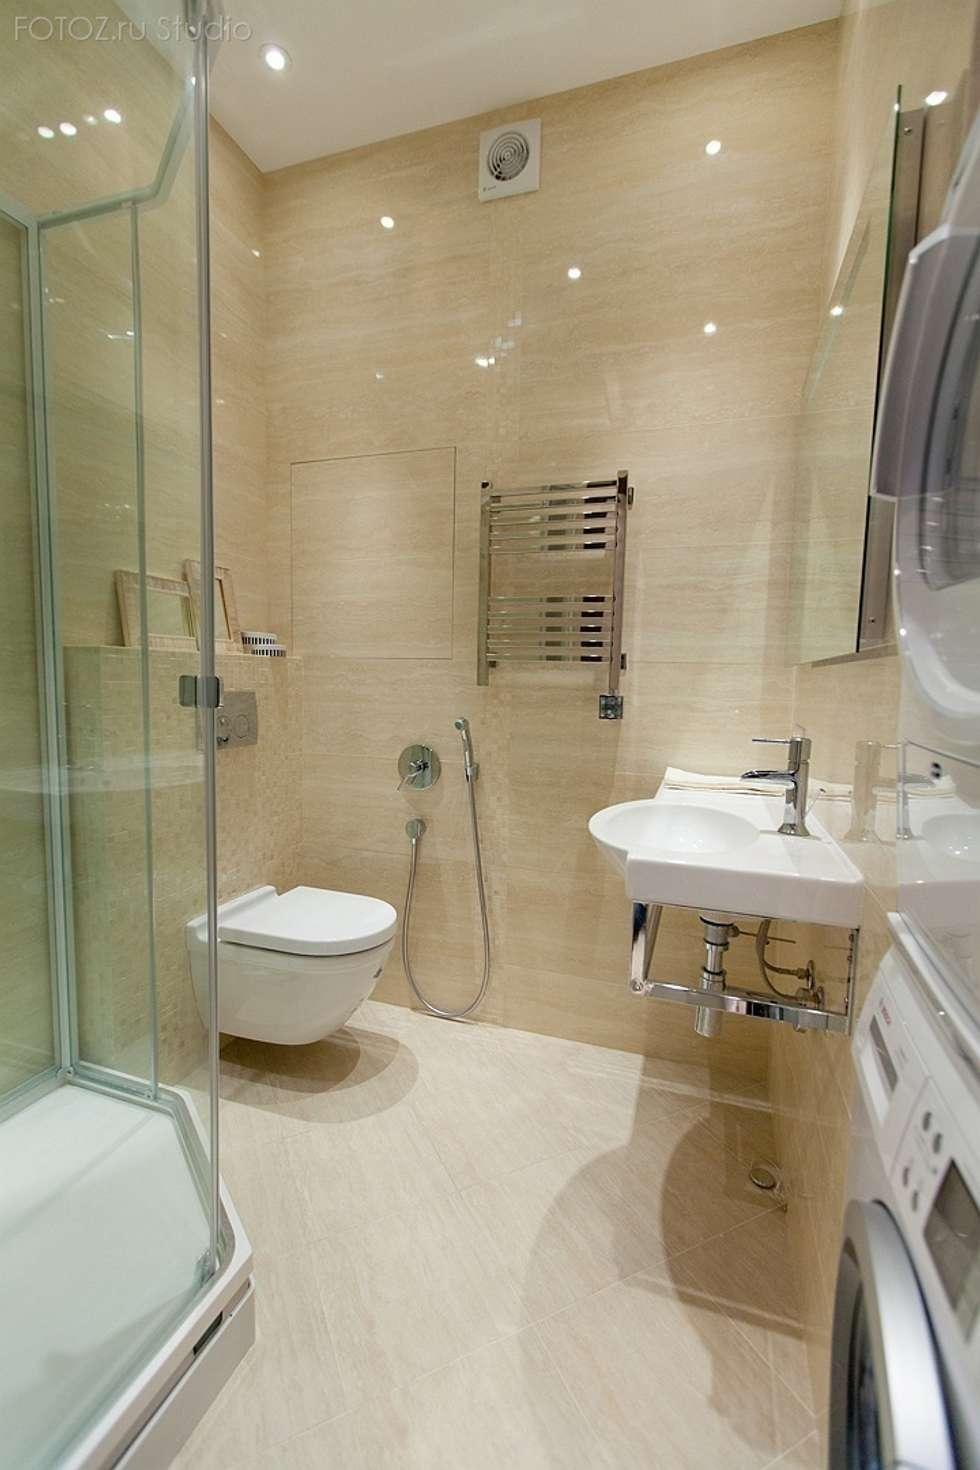 Санузел: Ванные комнаты в . Автор – INTERIOR PROJECT studio